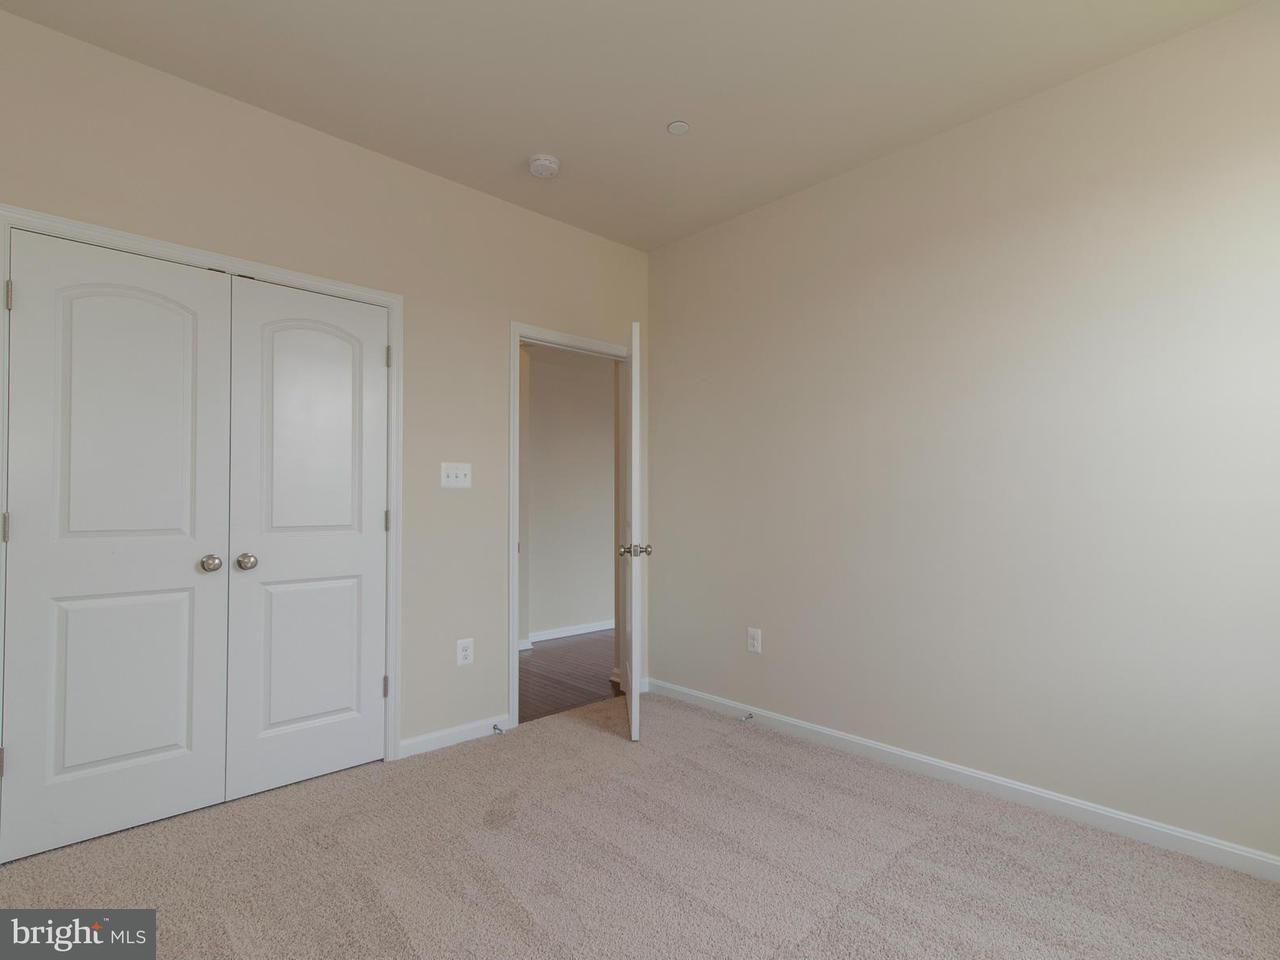 一戸建て のために 売買 アット 8138 RIDGELY LOOP 8138 RIDGELY LOOP Severn, メリーランド 21144 アメリカ合衆国